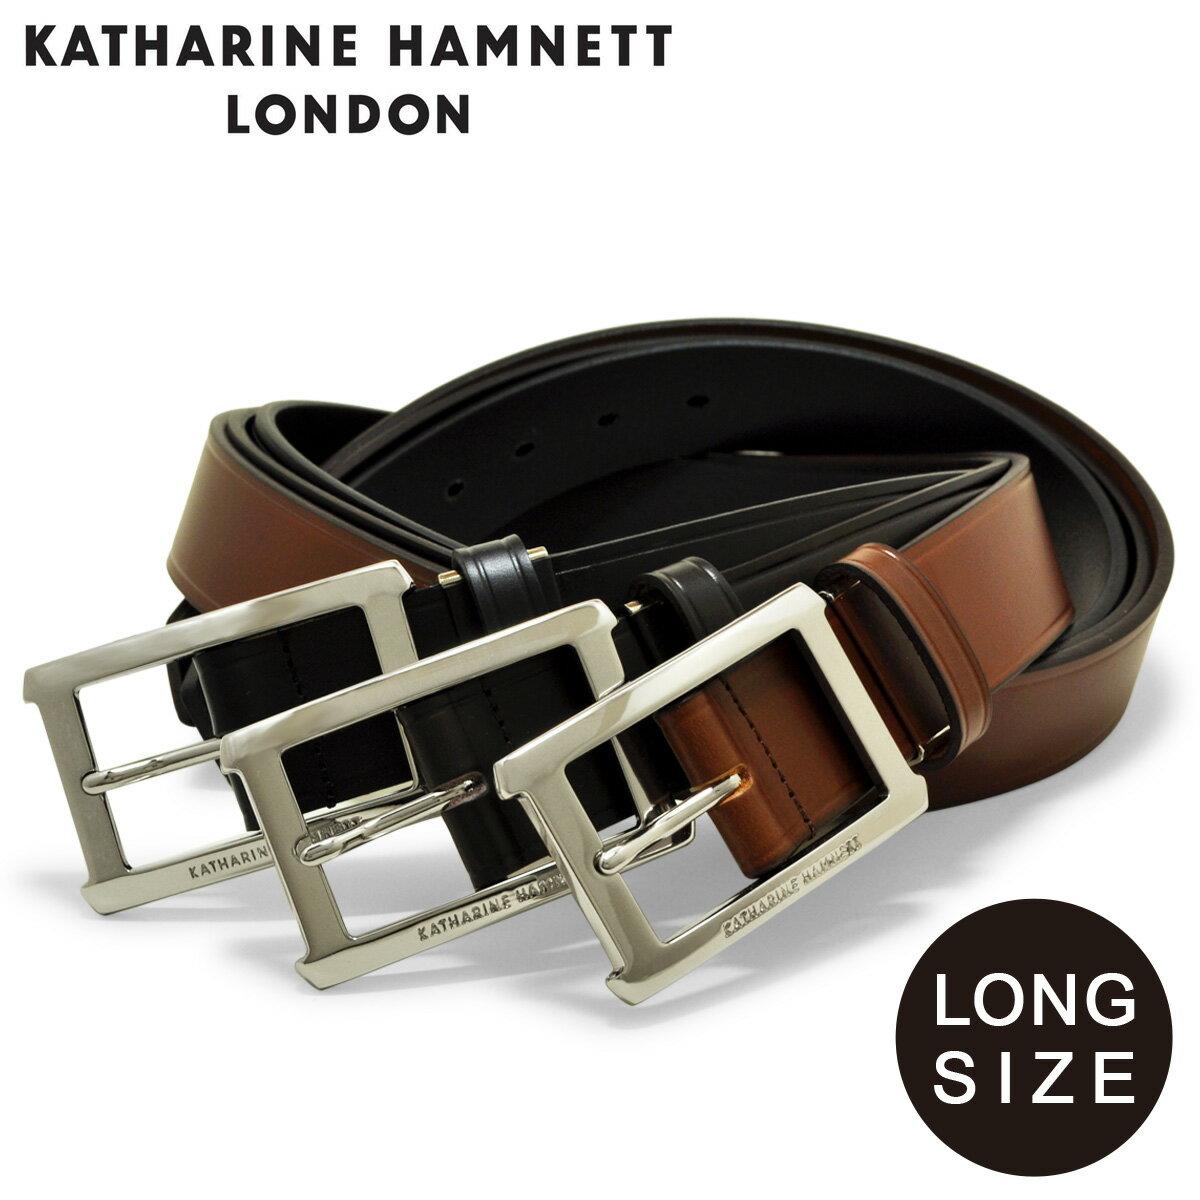 ベルト・サスペンダー, メンズベルト  KH-506028L KATHARINE HAMNETT BOX PO5befPO10